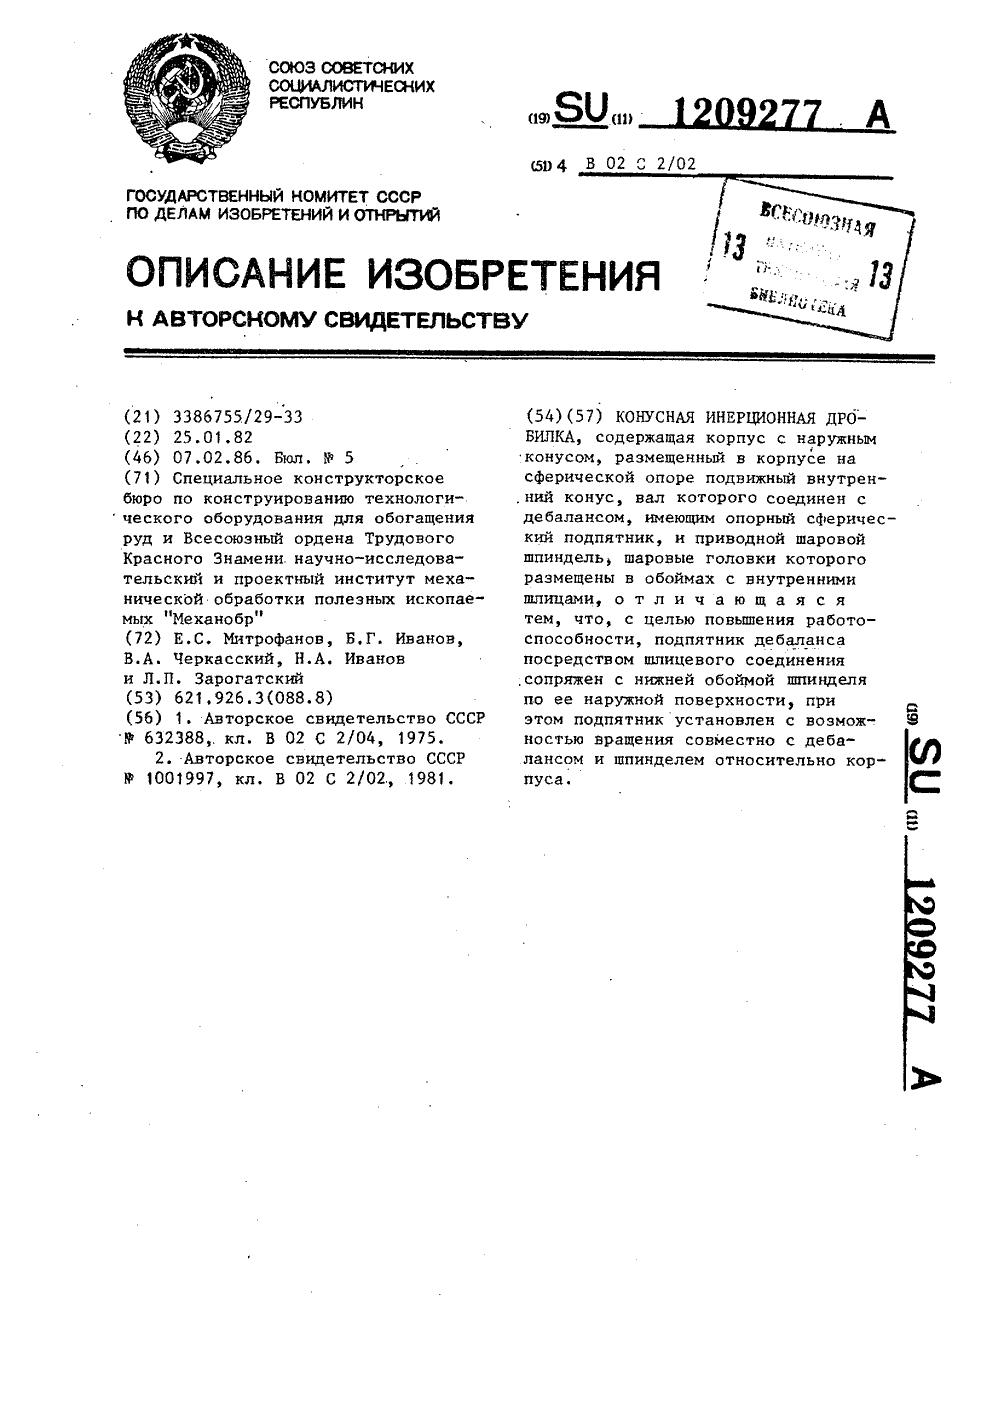 дробильно сортировочный комплекс в Партизанск